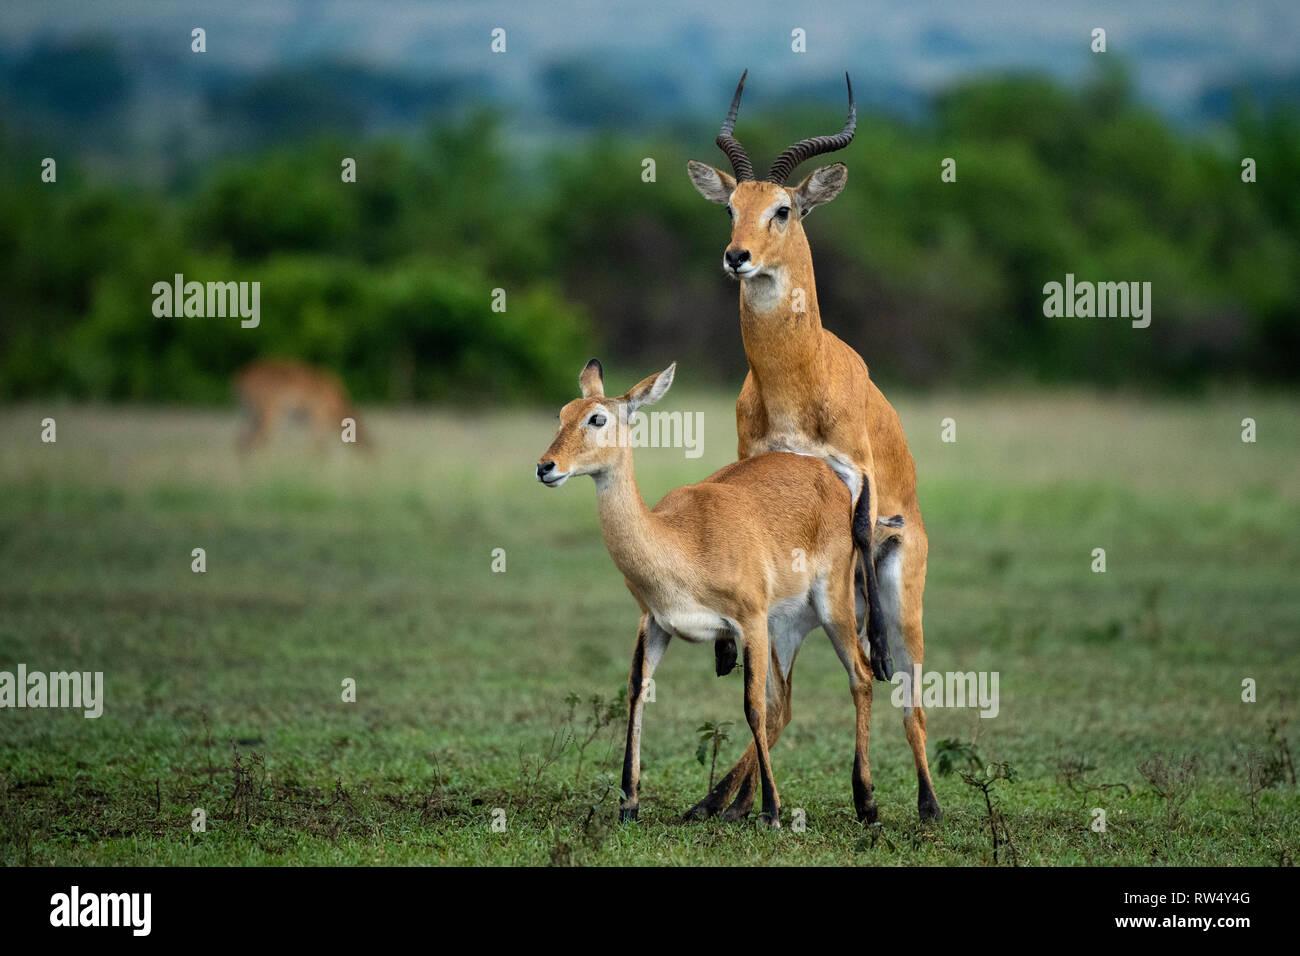 Uganda Kob mating, kobus kob thomasi, Queen Elizabeth NP, Uganda - Stock Image